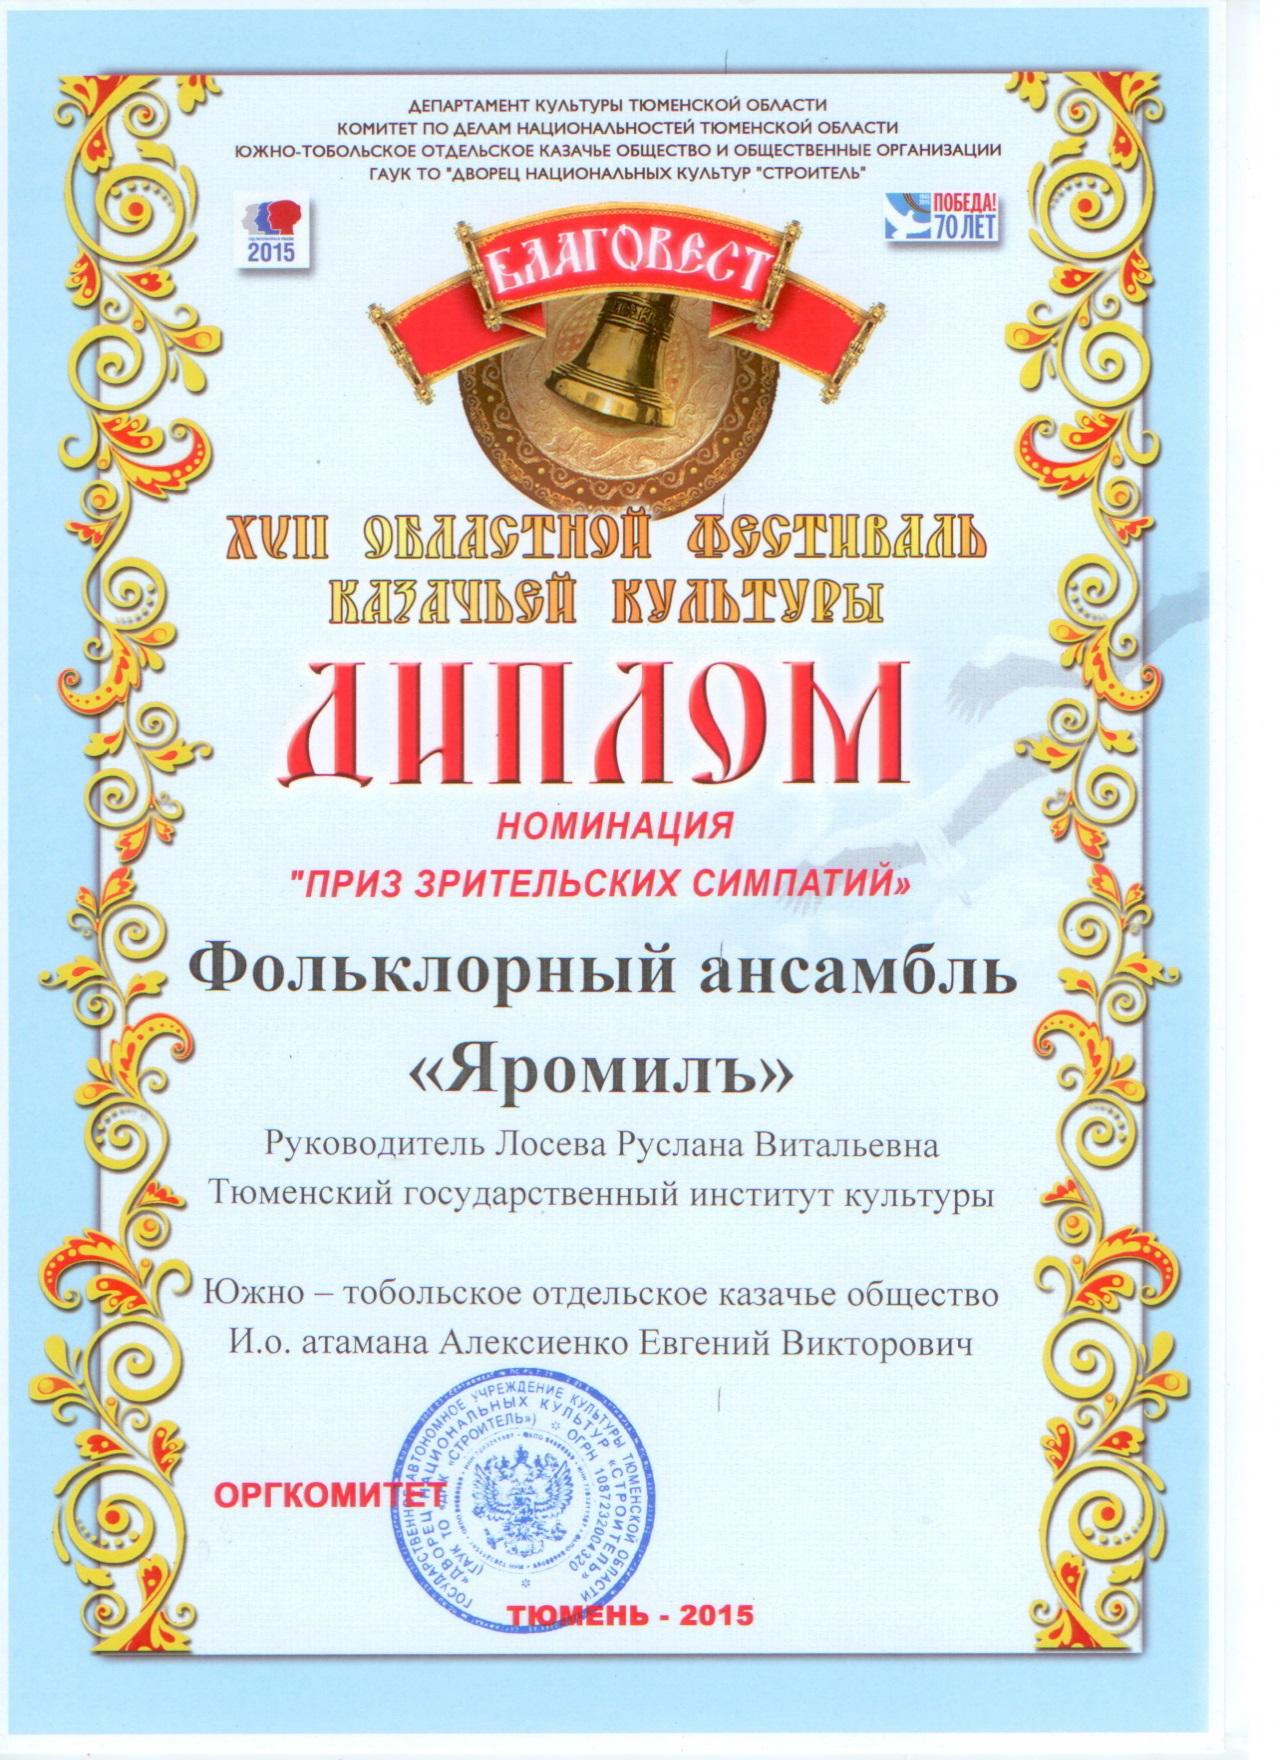 Заслуги ЯромилЪ  Диплом за участие в xvii областном фестивале казачьей культуры